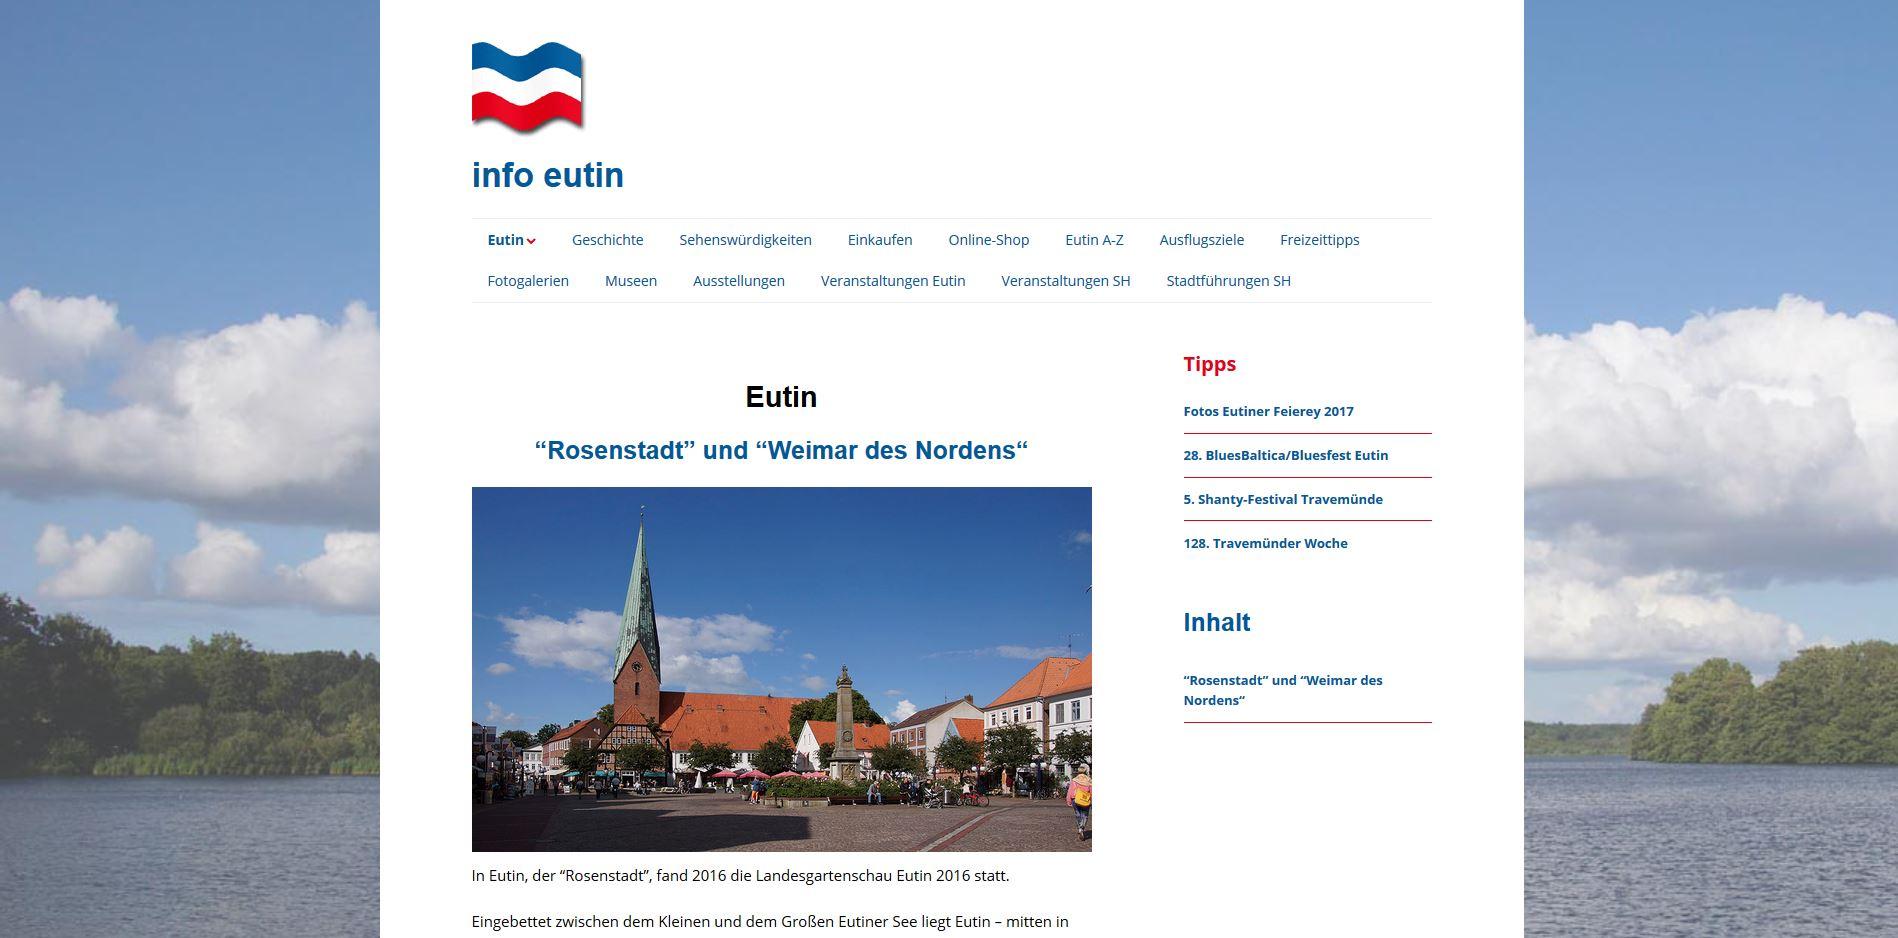 Weiter zur Infoseite EUTIN